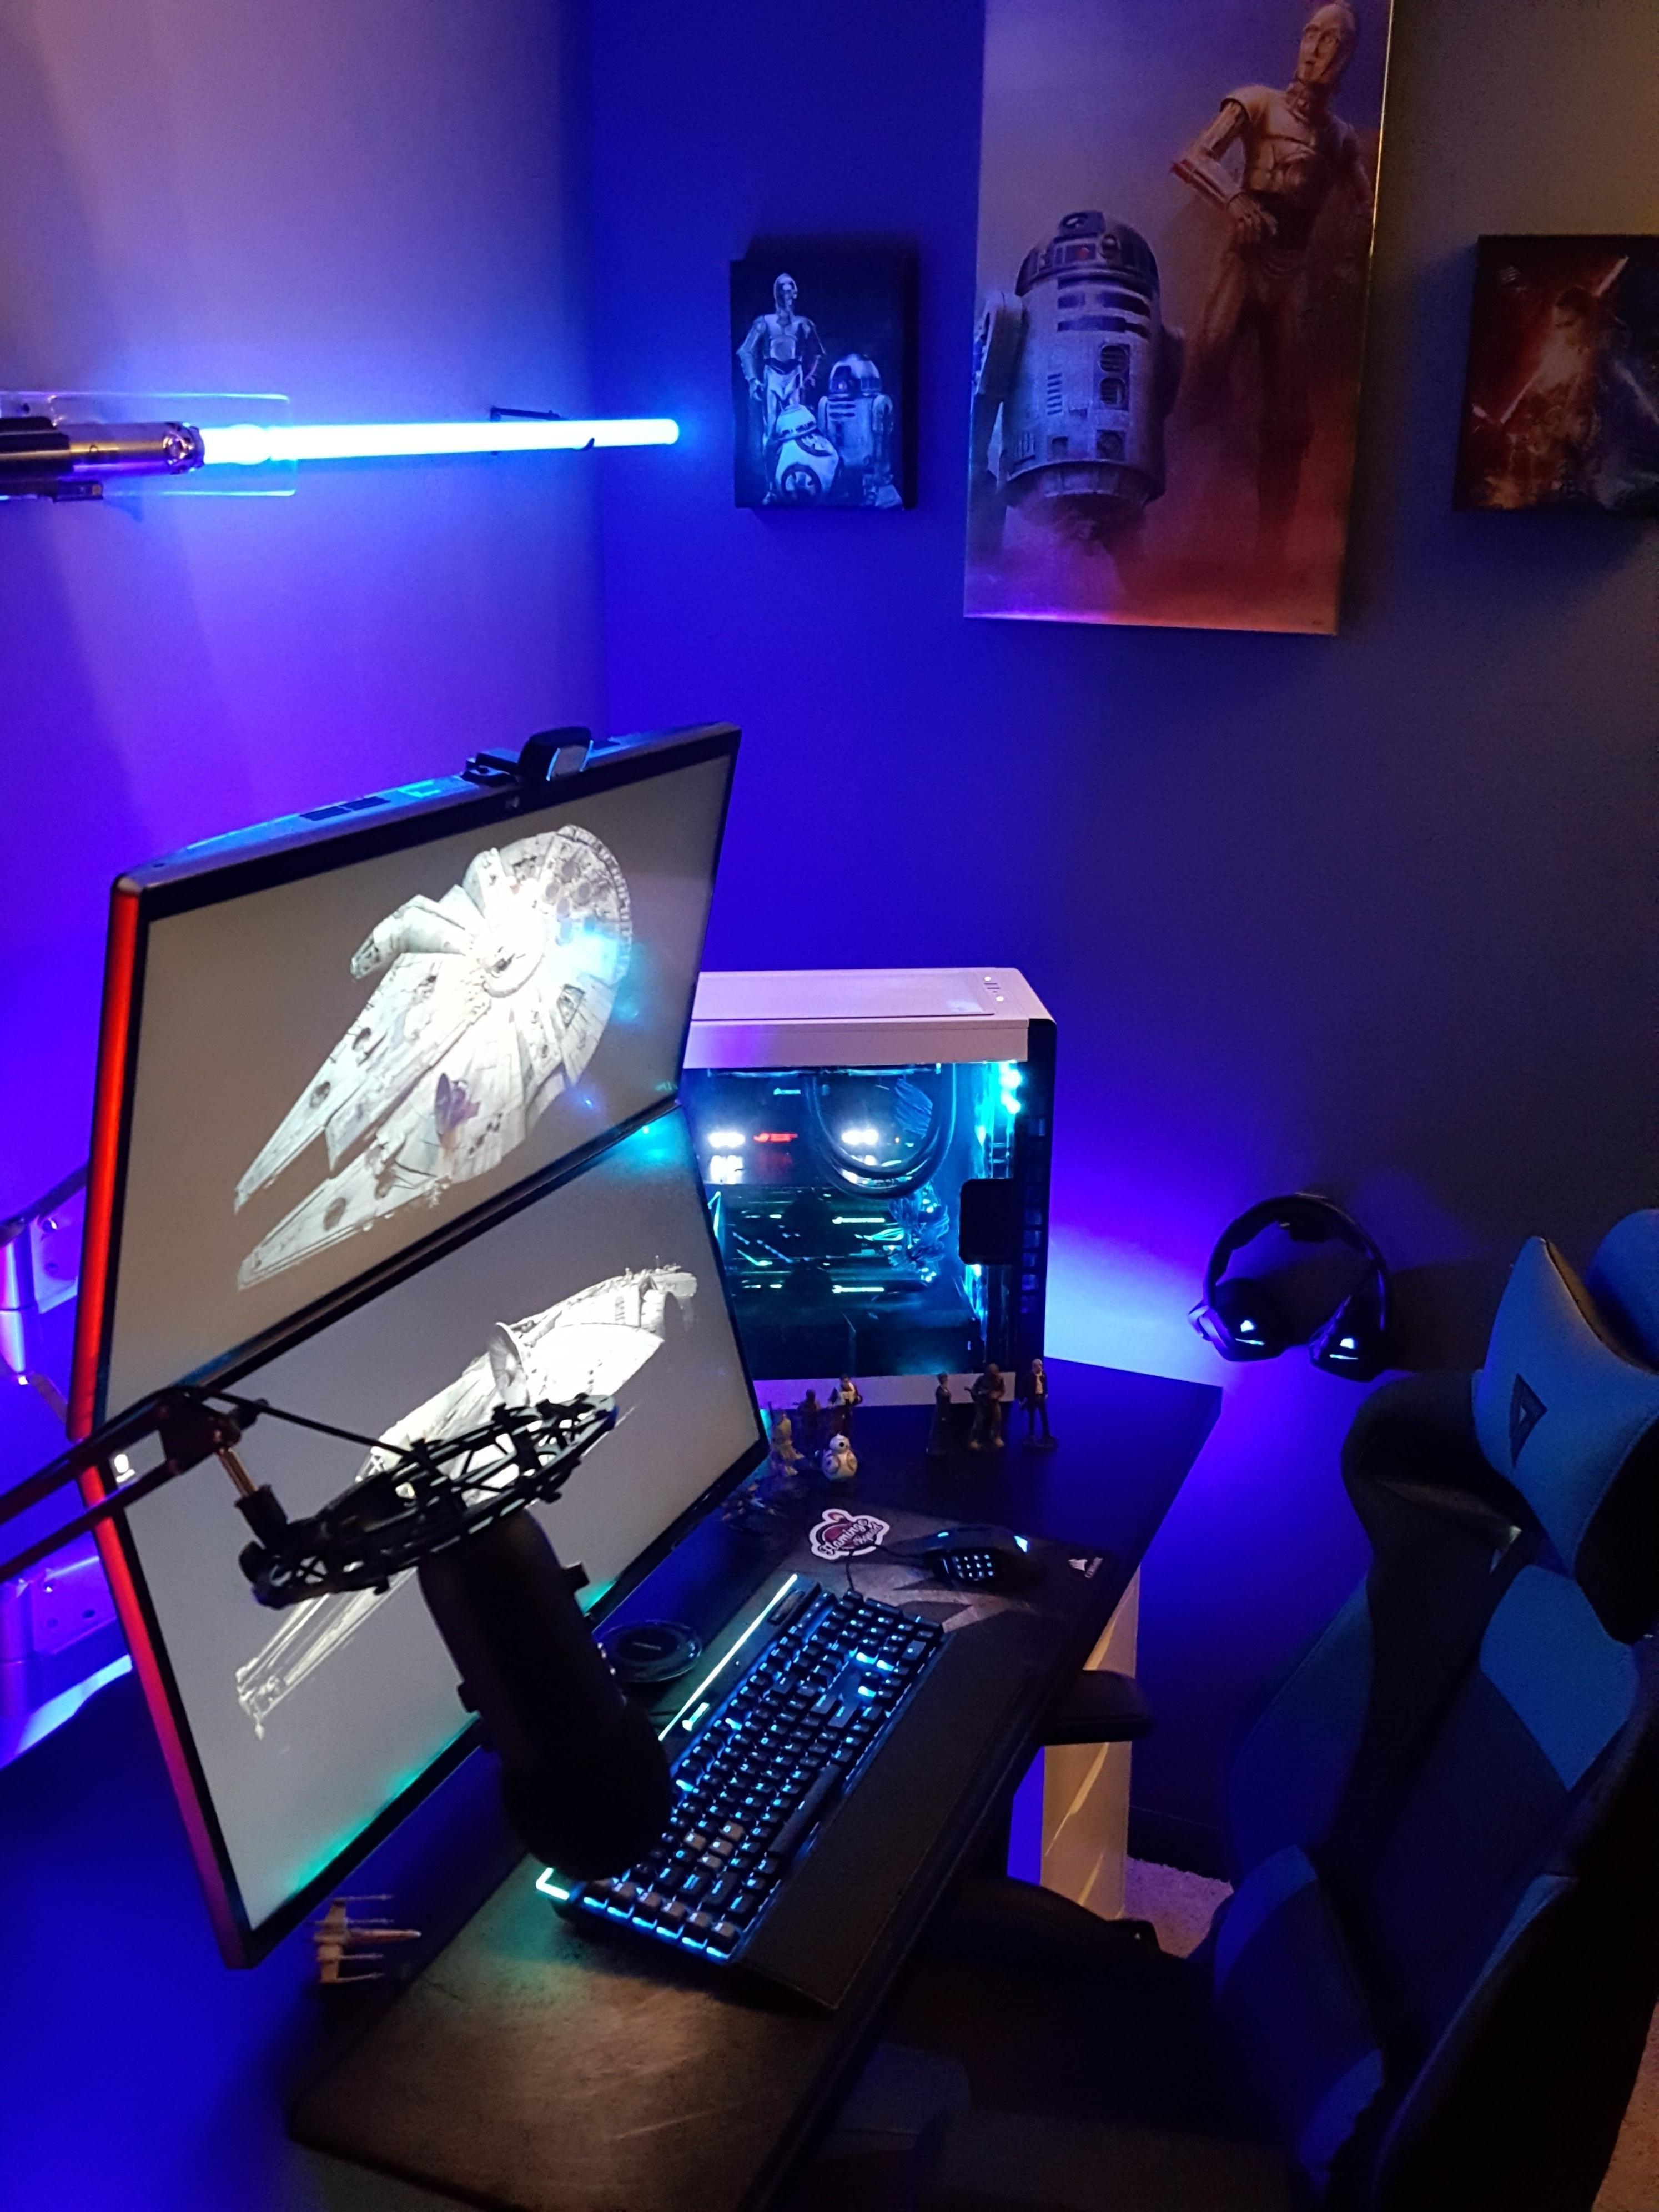 http://ift.tt/2sOz9Nr Half of the star wars themed Office